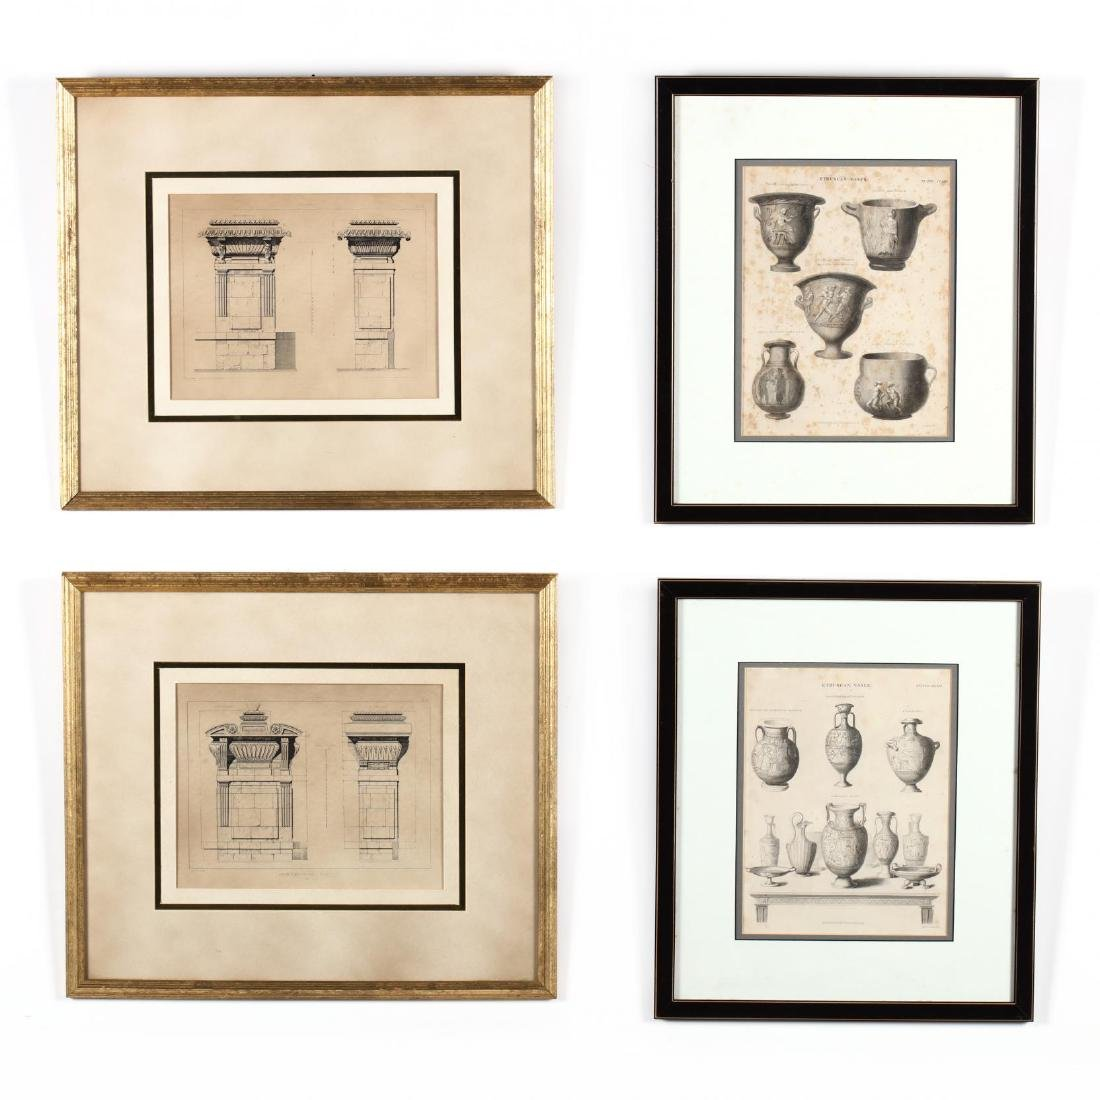 Four Greco-Roman Prints